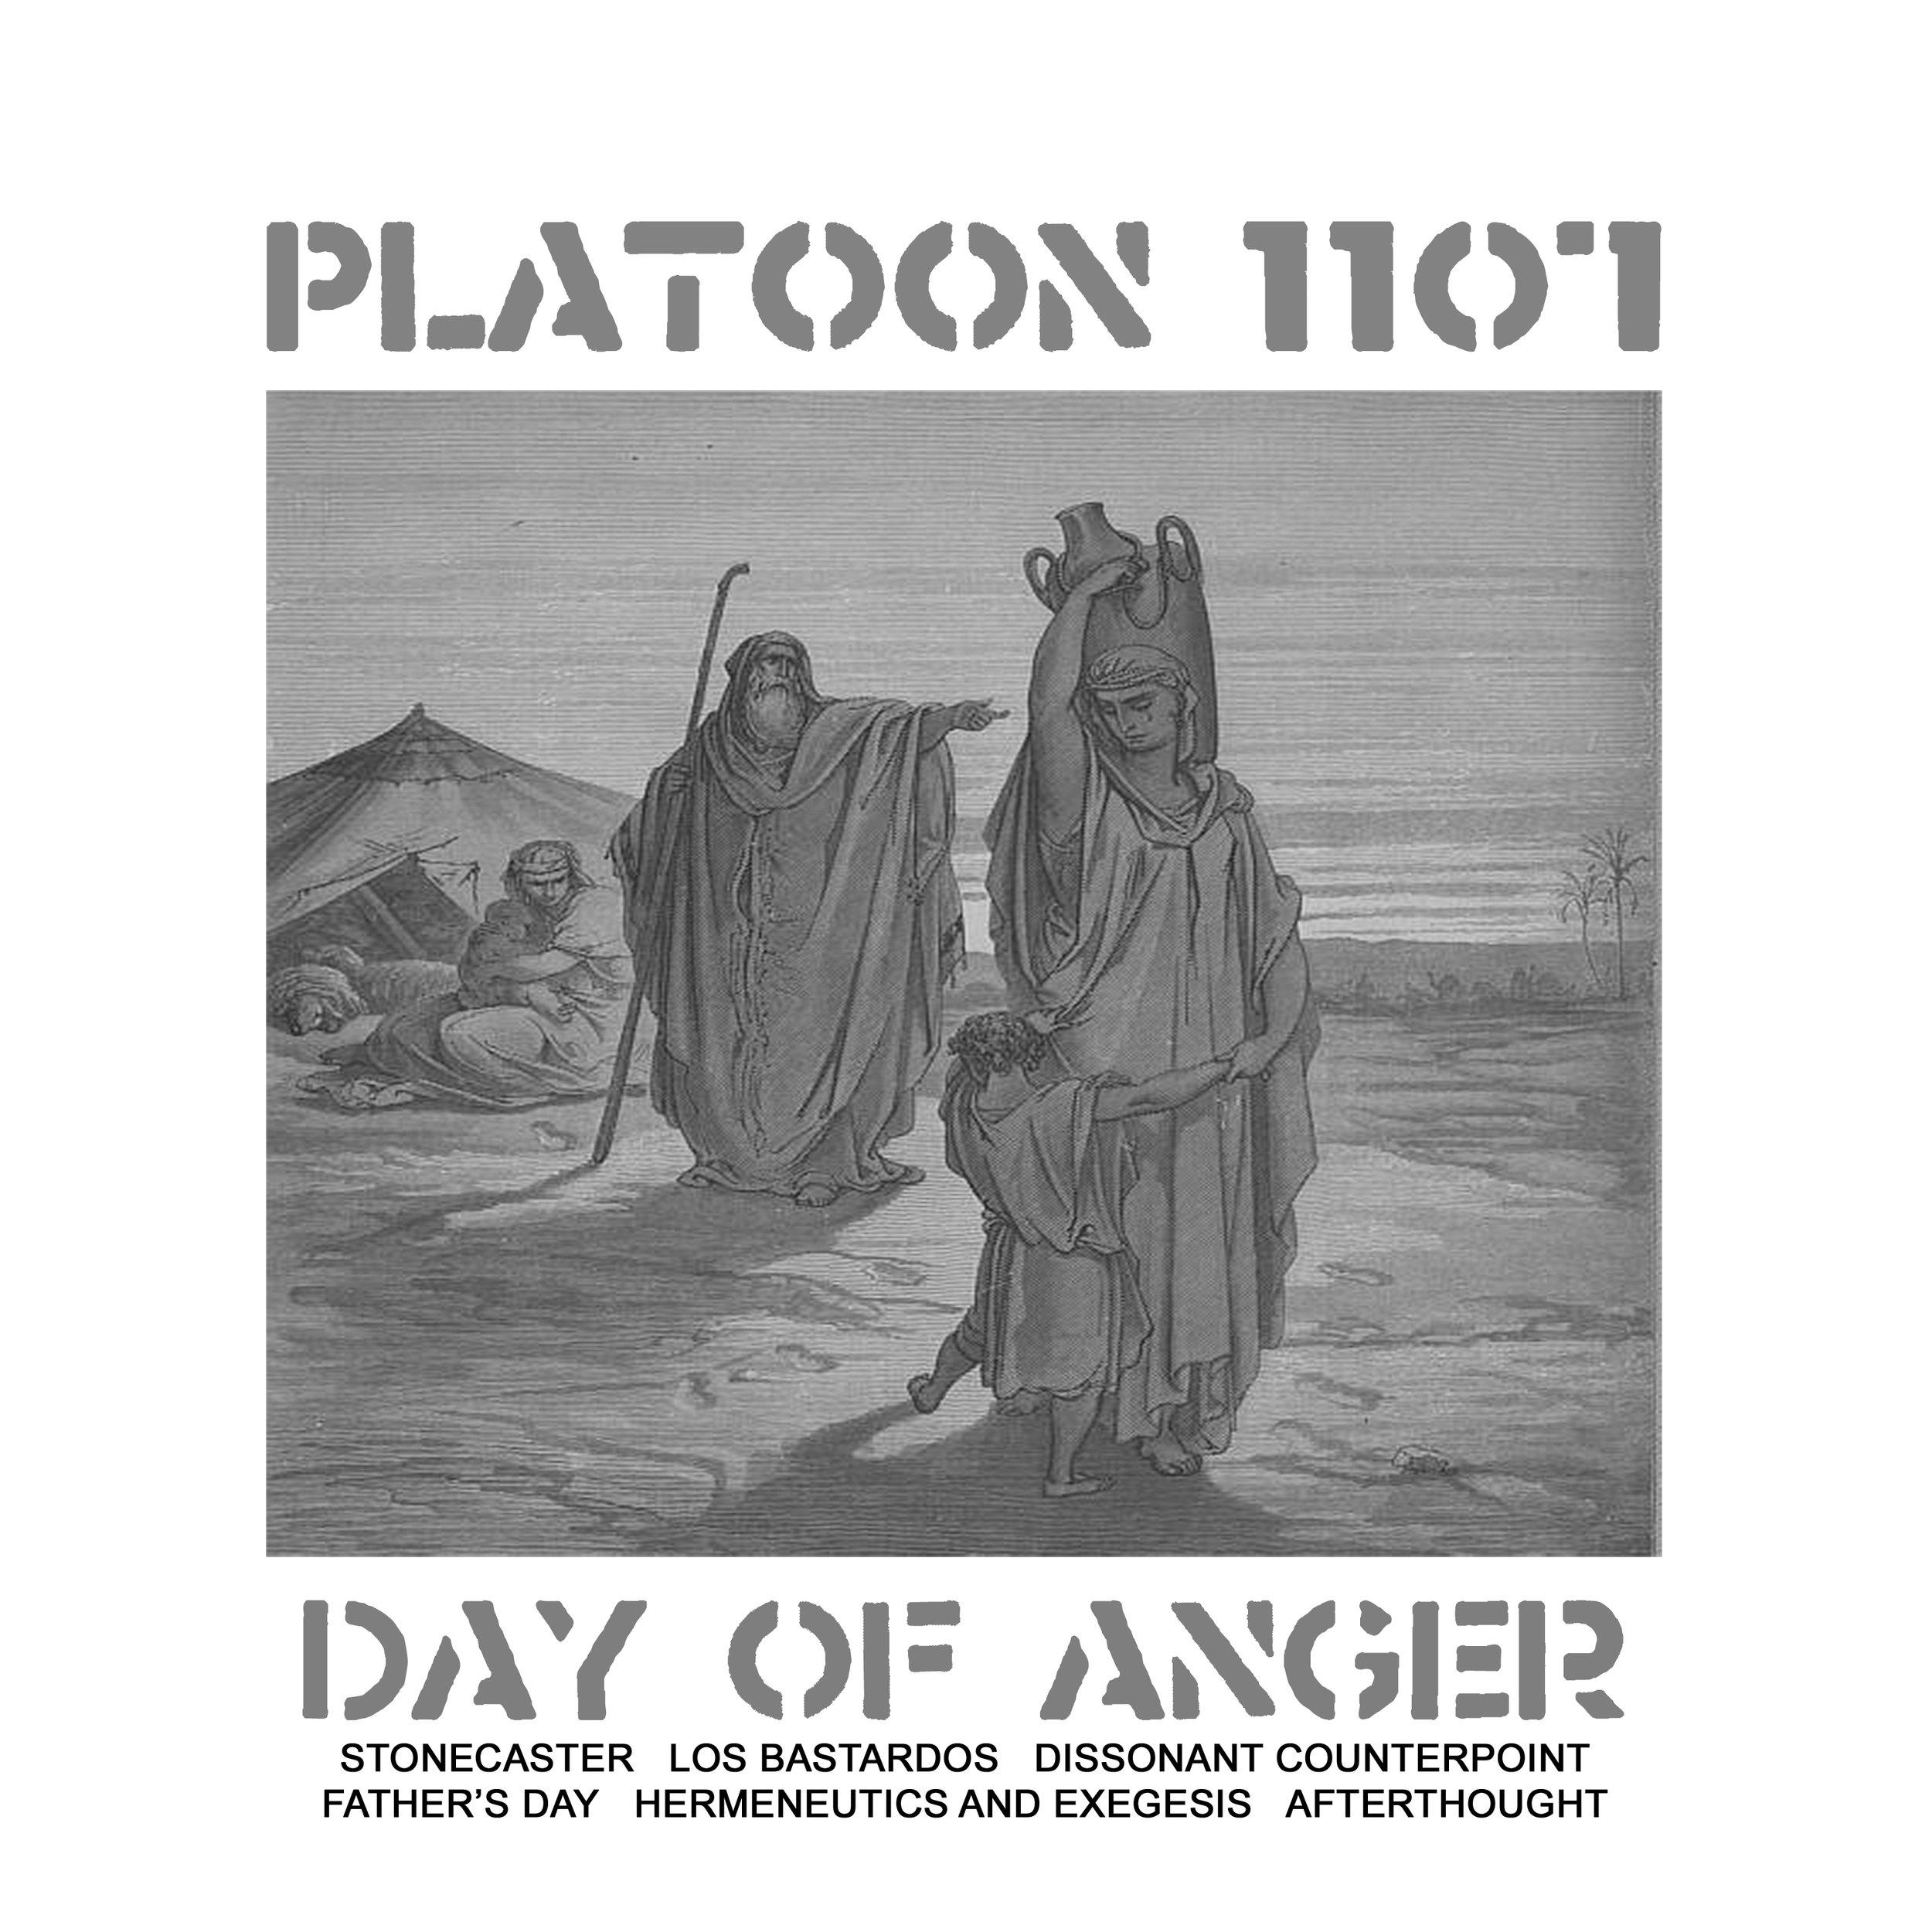 PLATOON 1107 - Day of Anger, Part 2 cover art.jpg